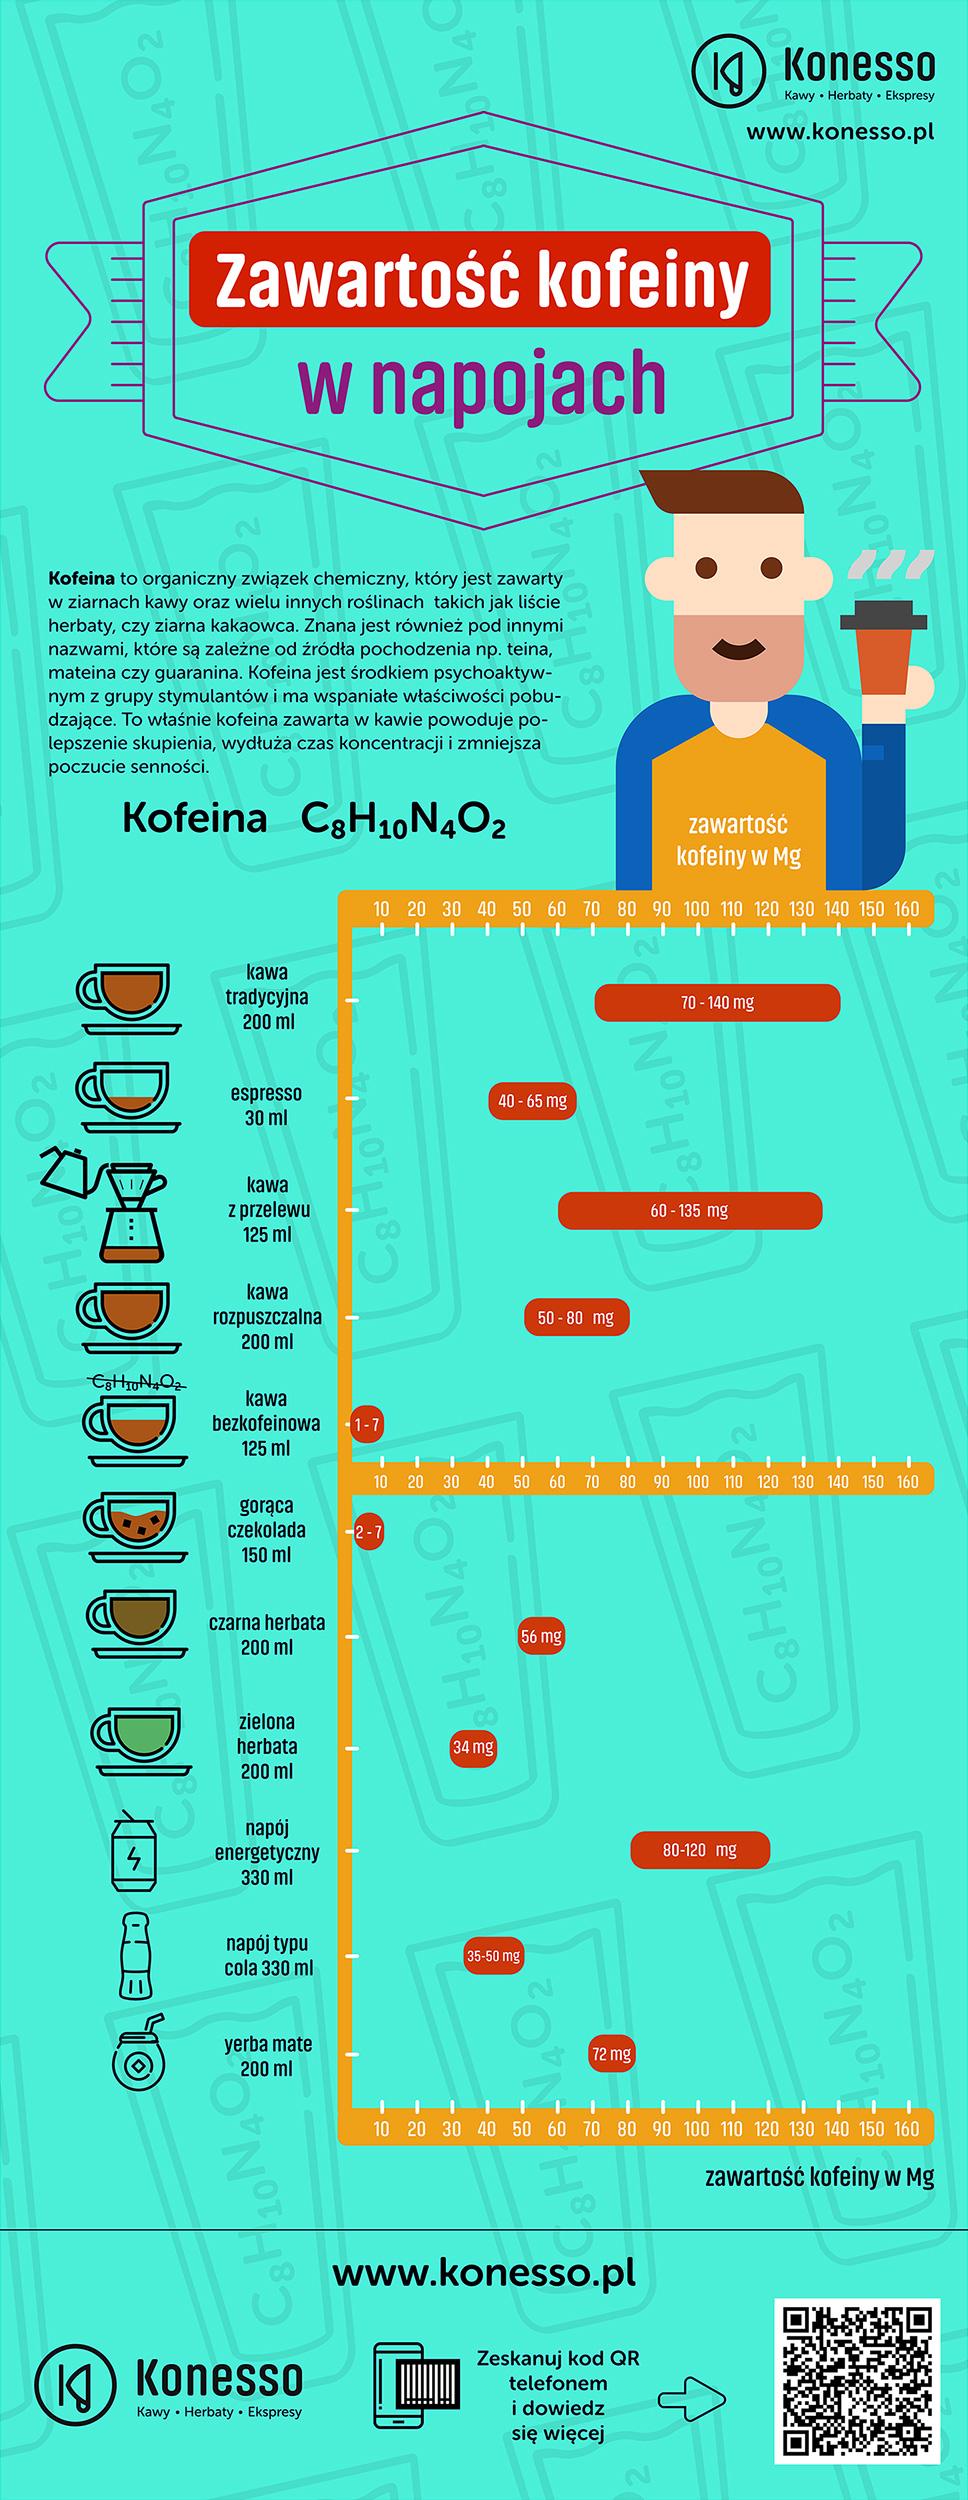 Zawartość kofeiny w kawie infografika